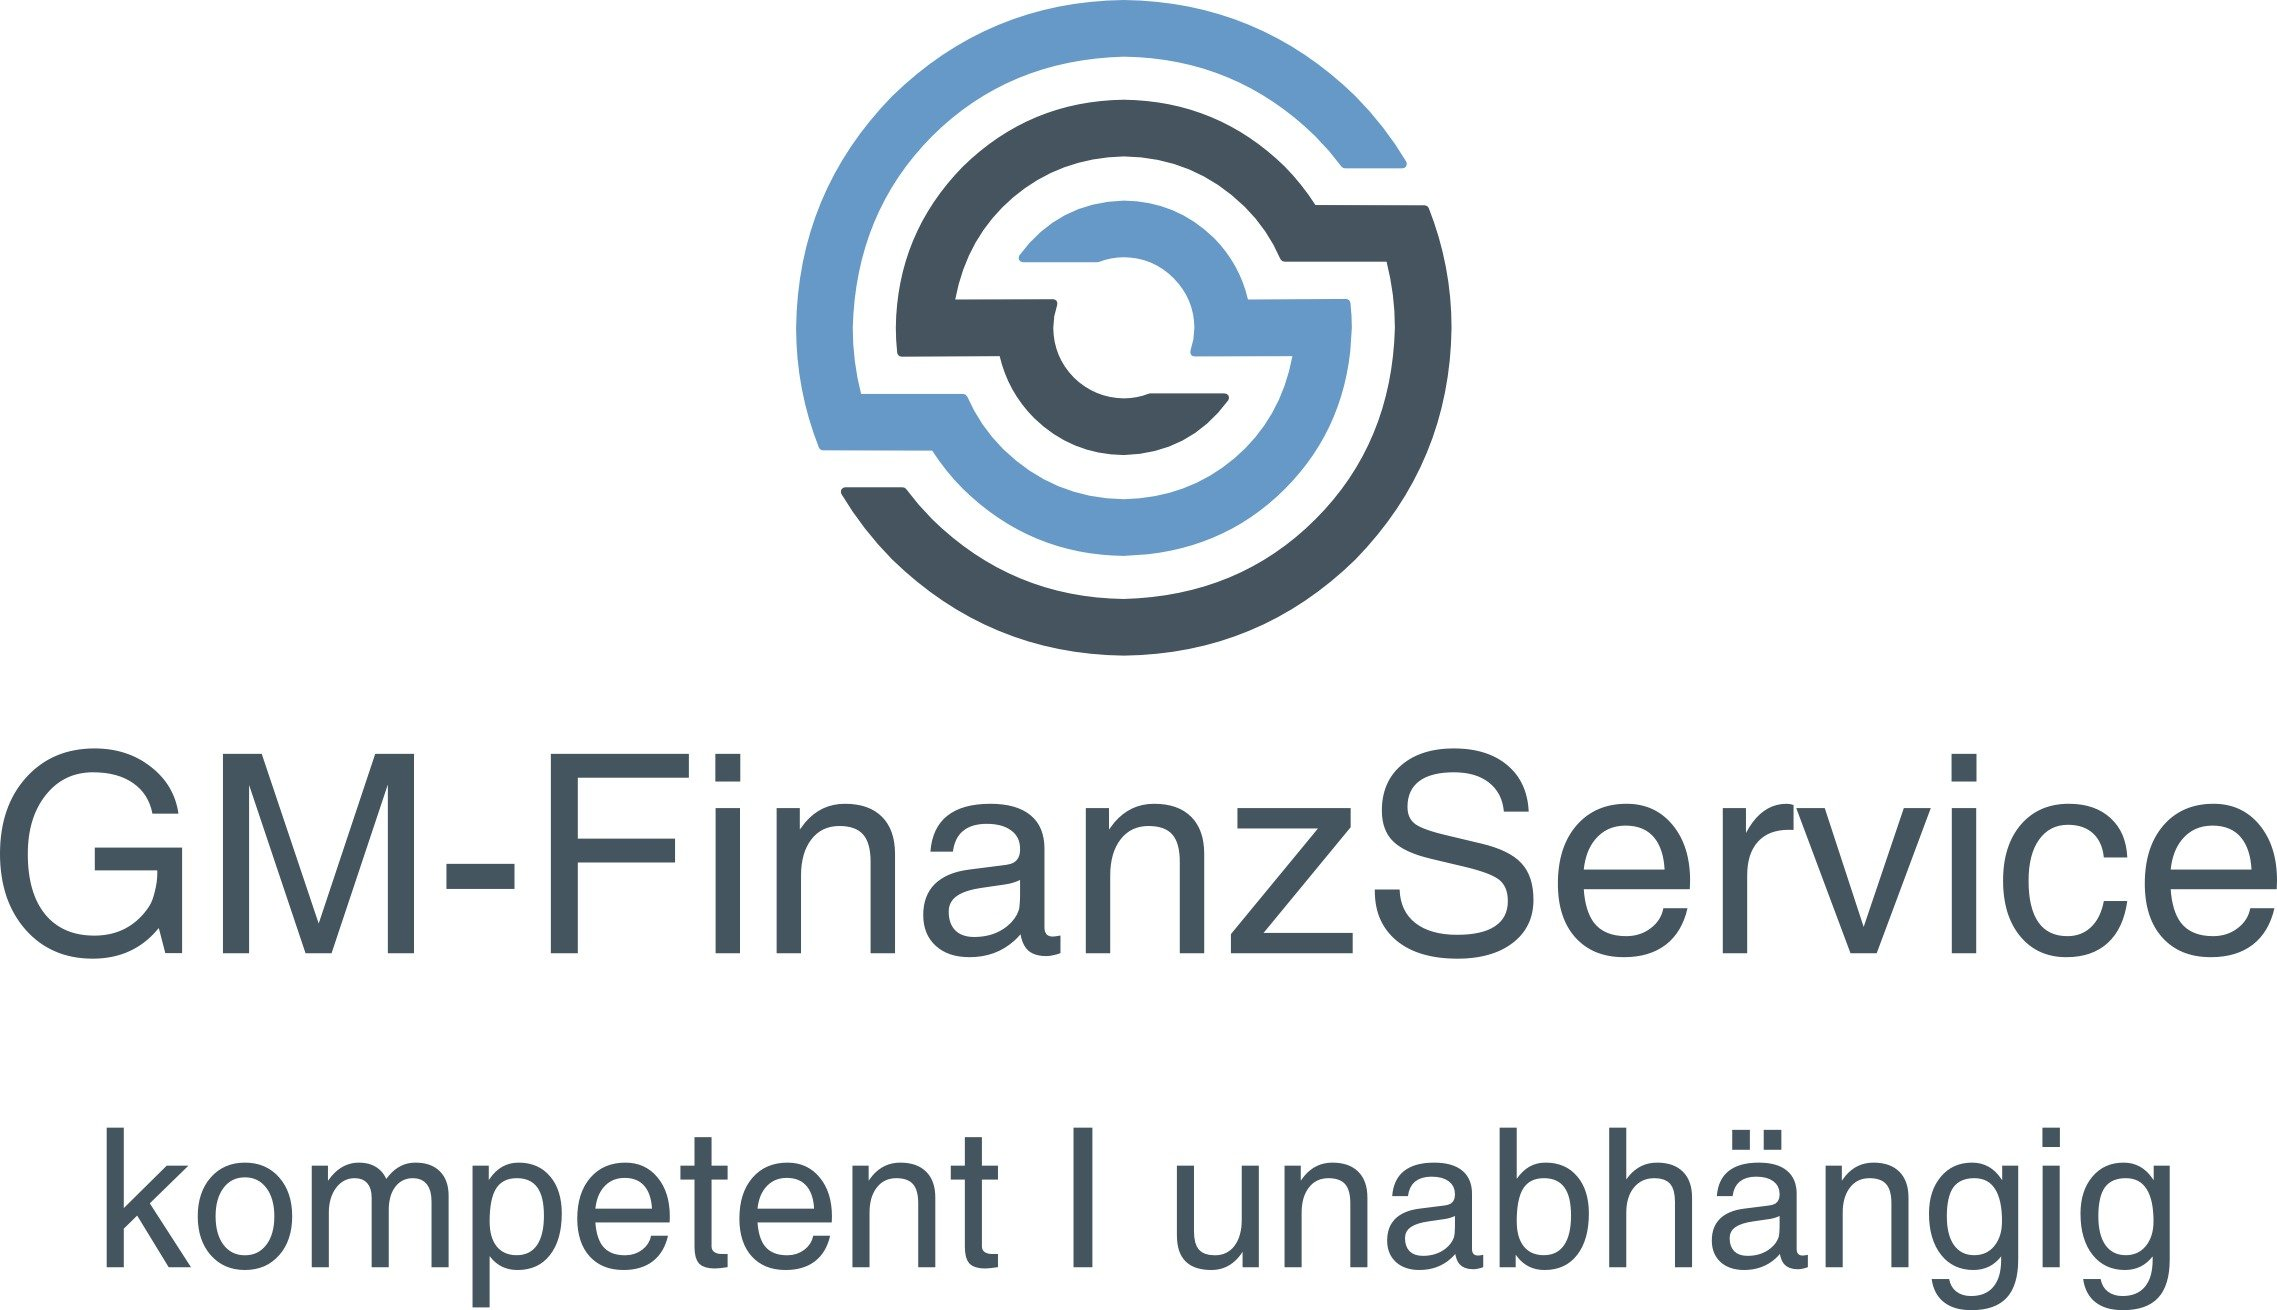 GM-FinanzService aus Ganderkesee